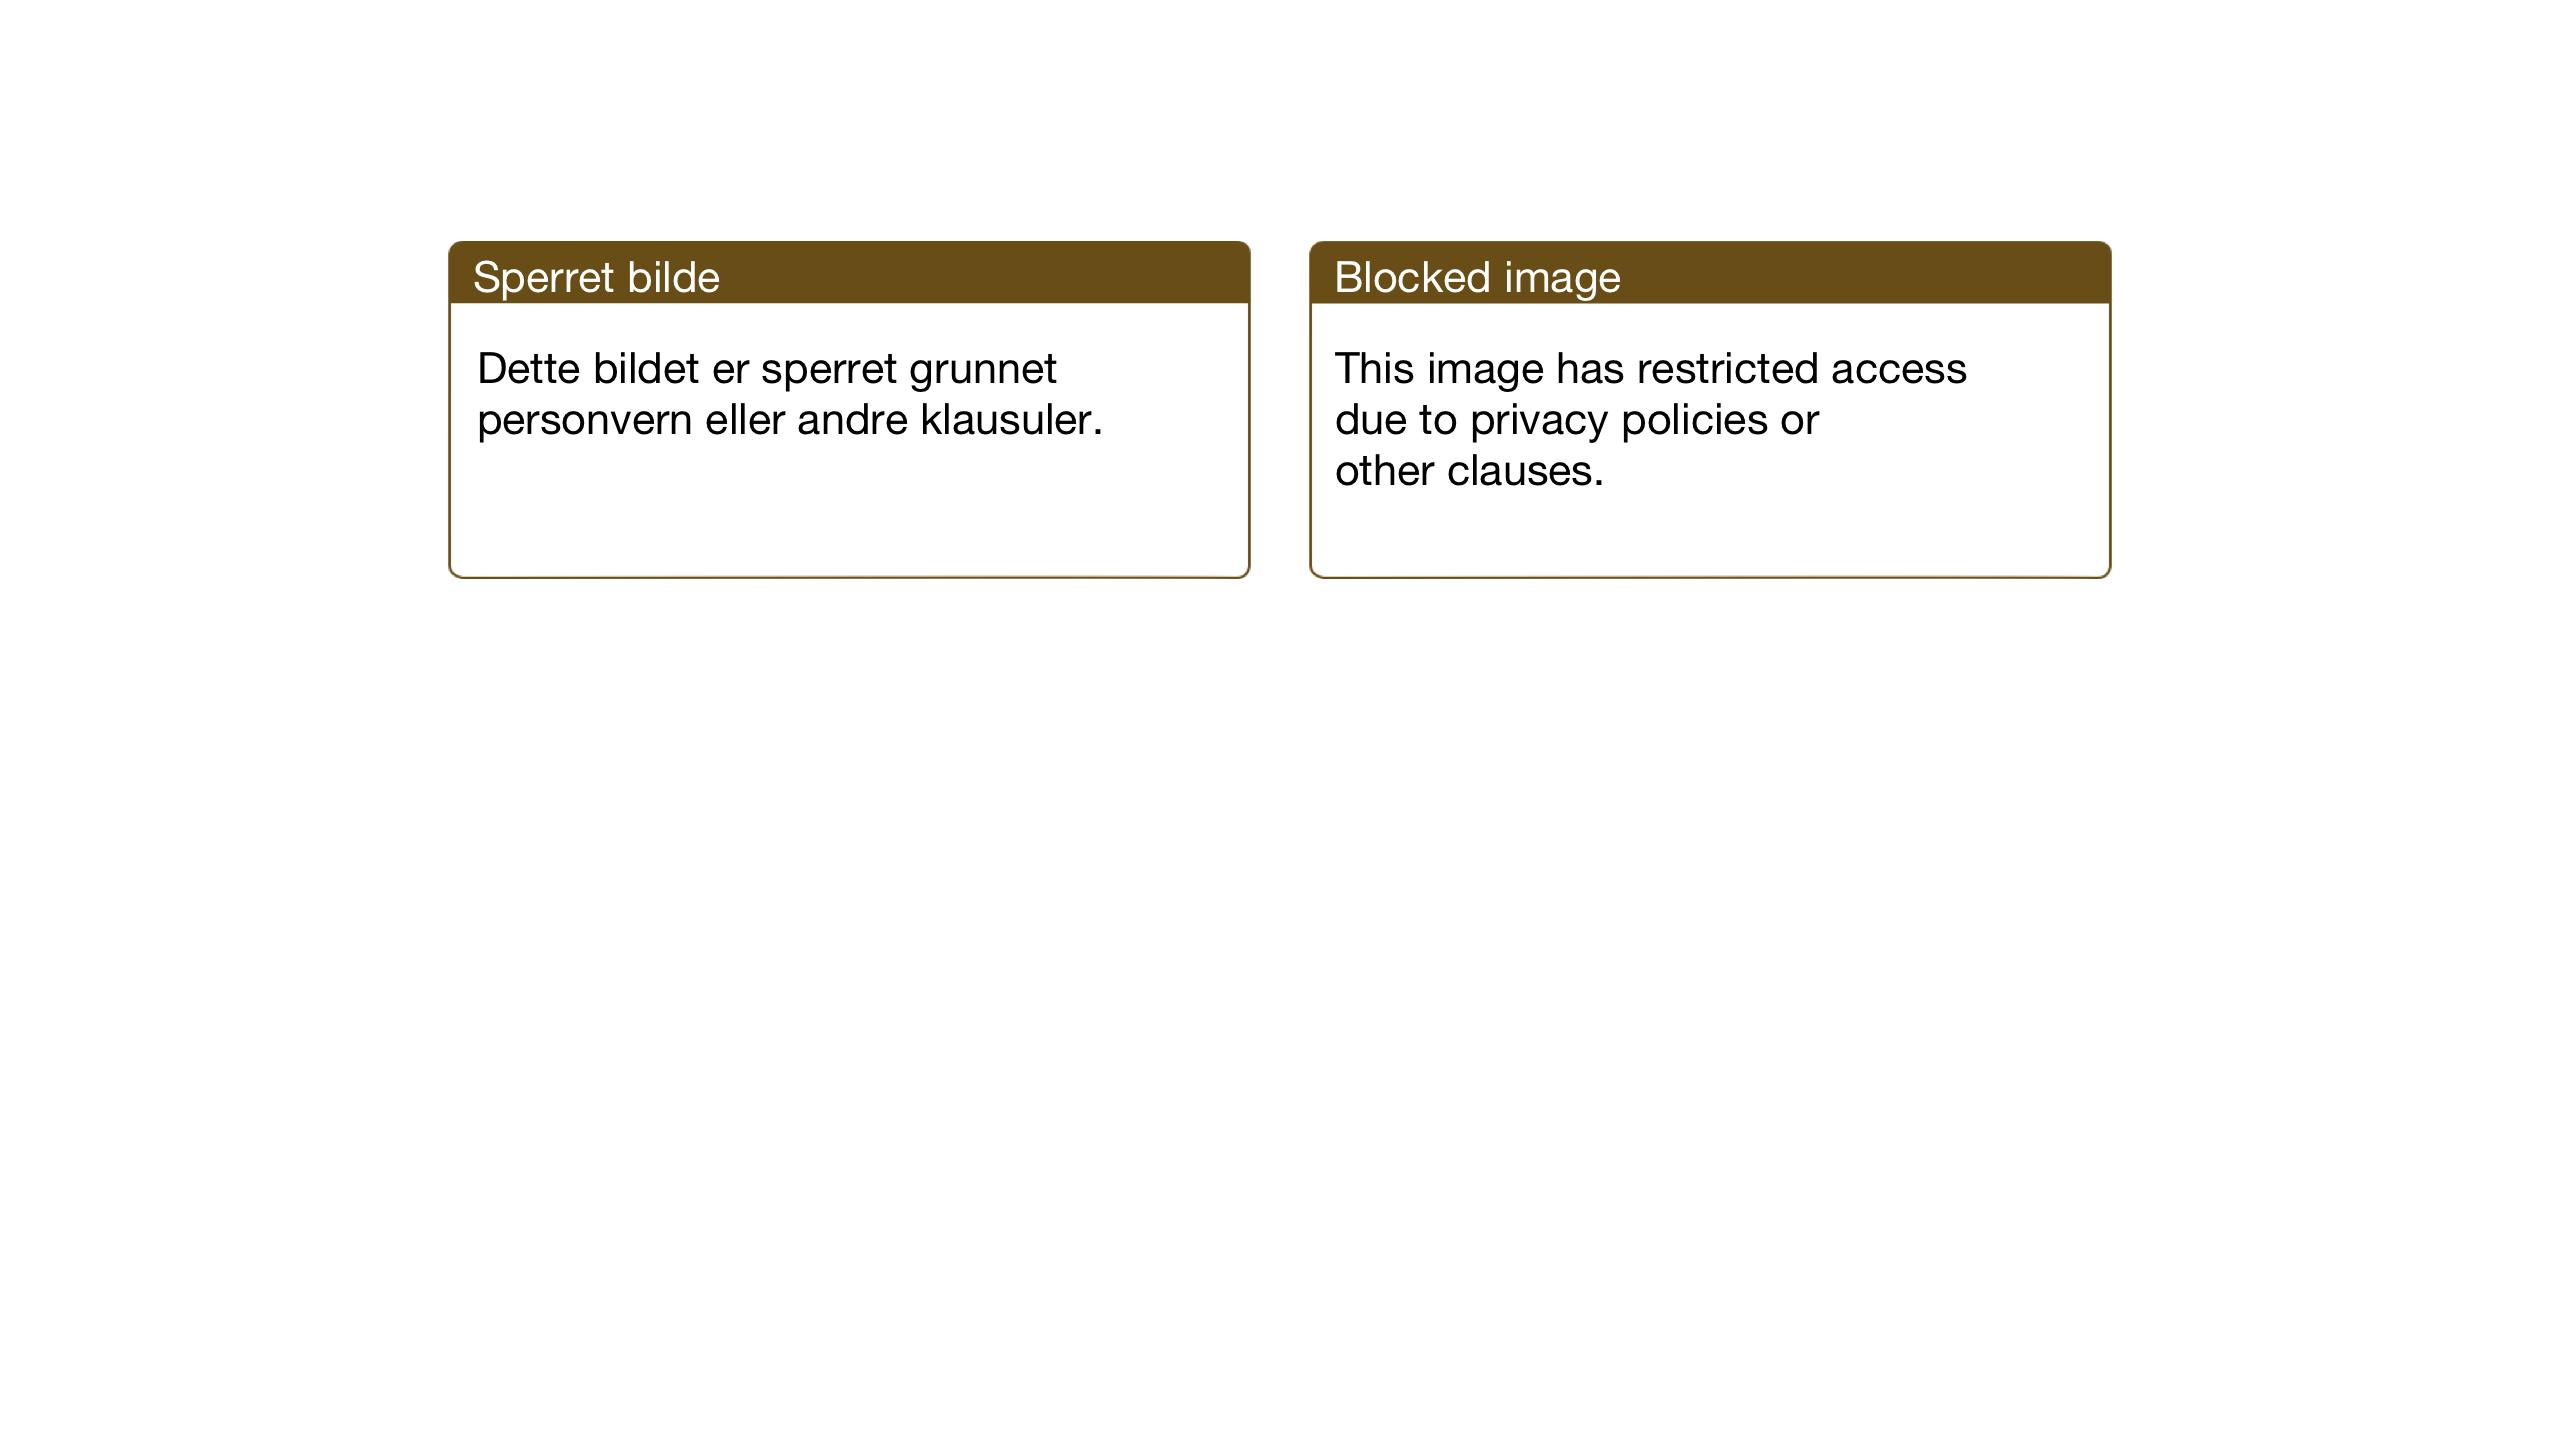 SAT, Ministerialprotokoller, klokkerbøker og fødselsregistre - Sør-Trøndelag, 681/L0944: Klokkerbok nr. 681C08, 1926-1954, s. 22